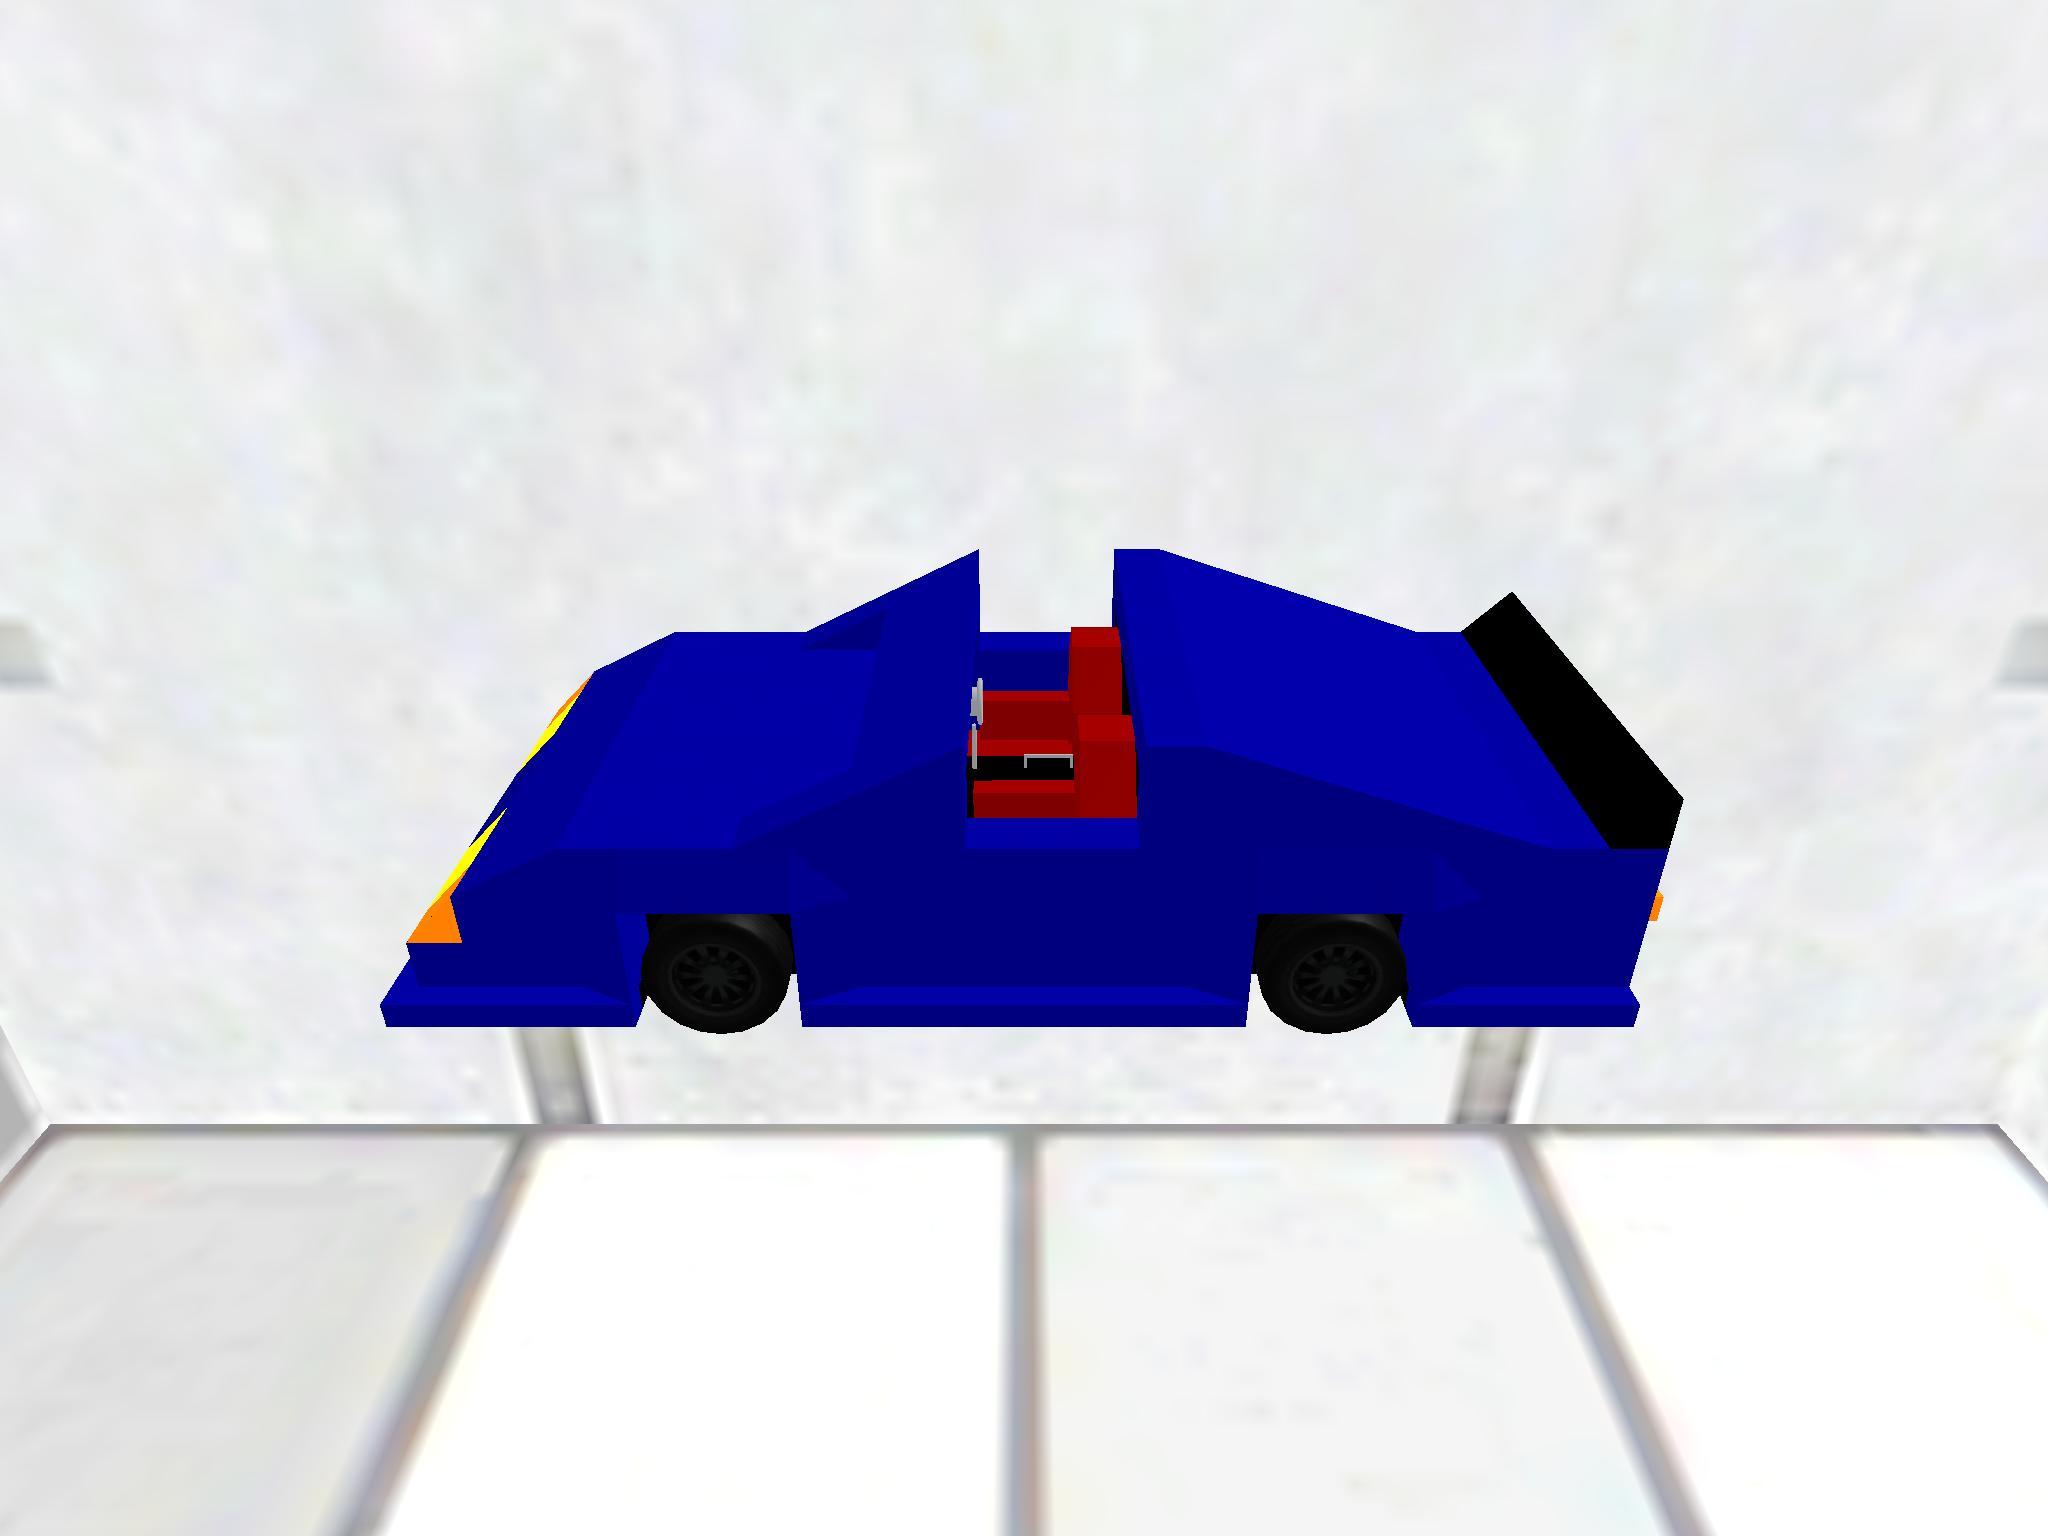 トルクGT アペルタ